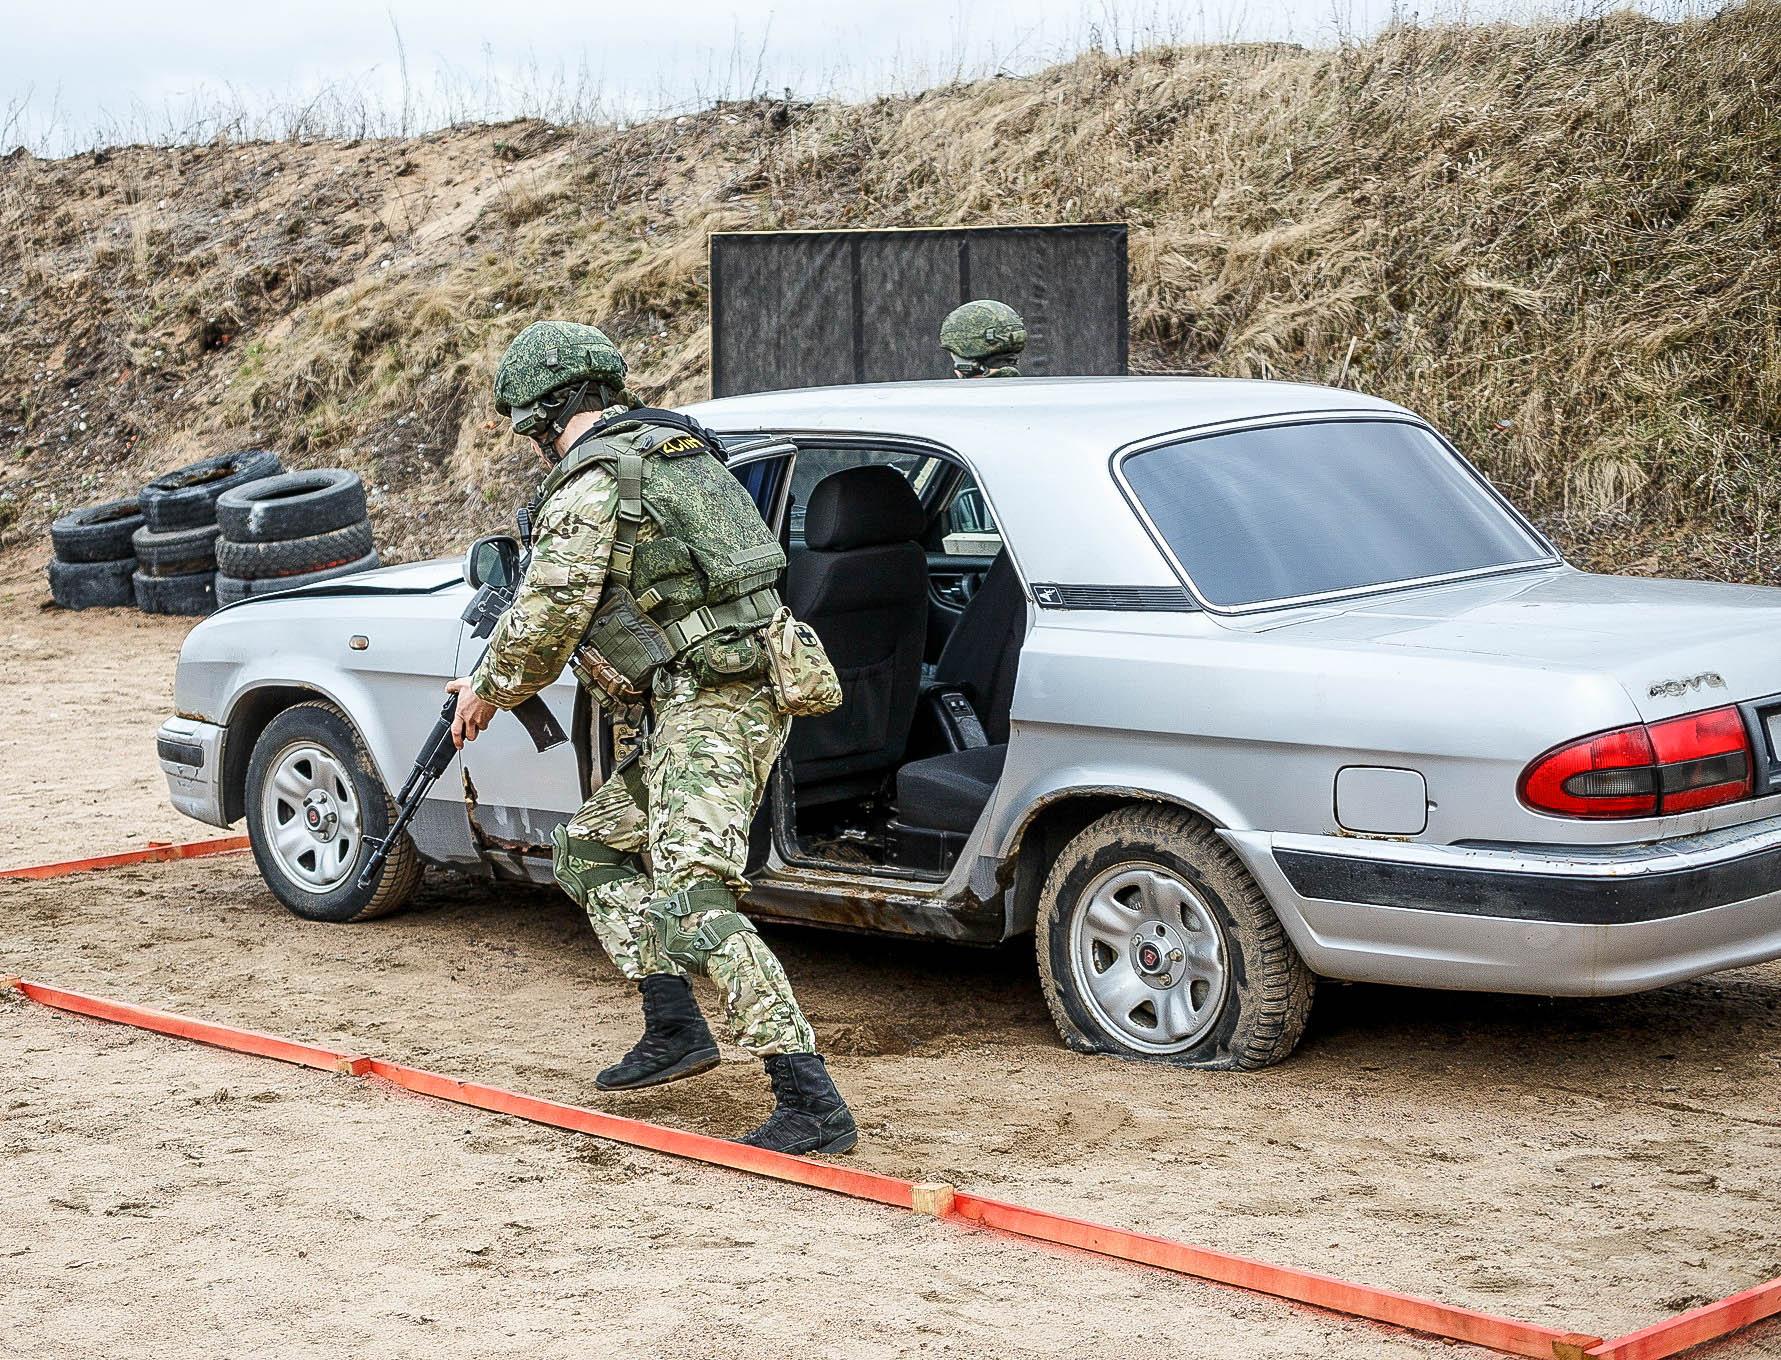 Спасибо командиру РССН «Град», который способствует поддержанию высокого уровня тактико-специальной иогневой подготовки сотрудников